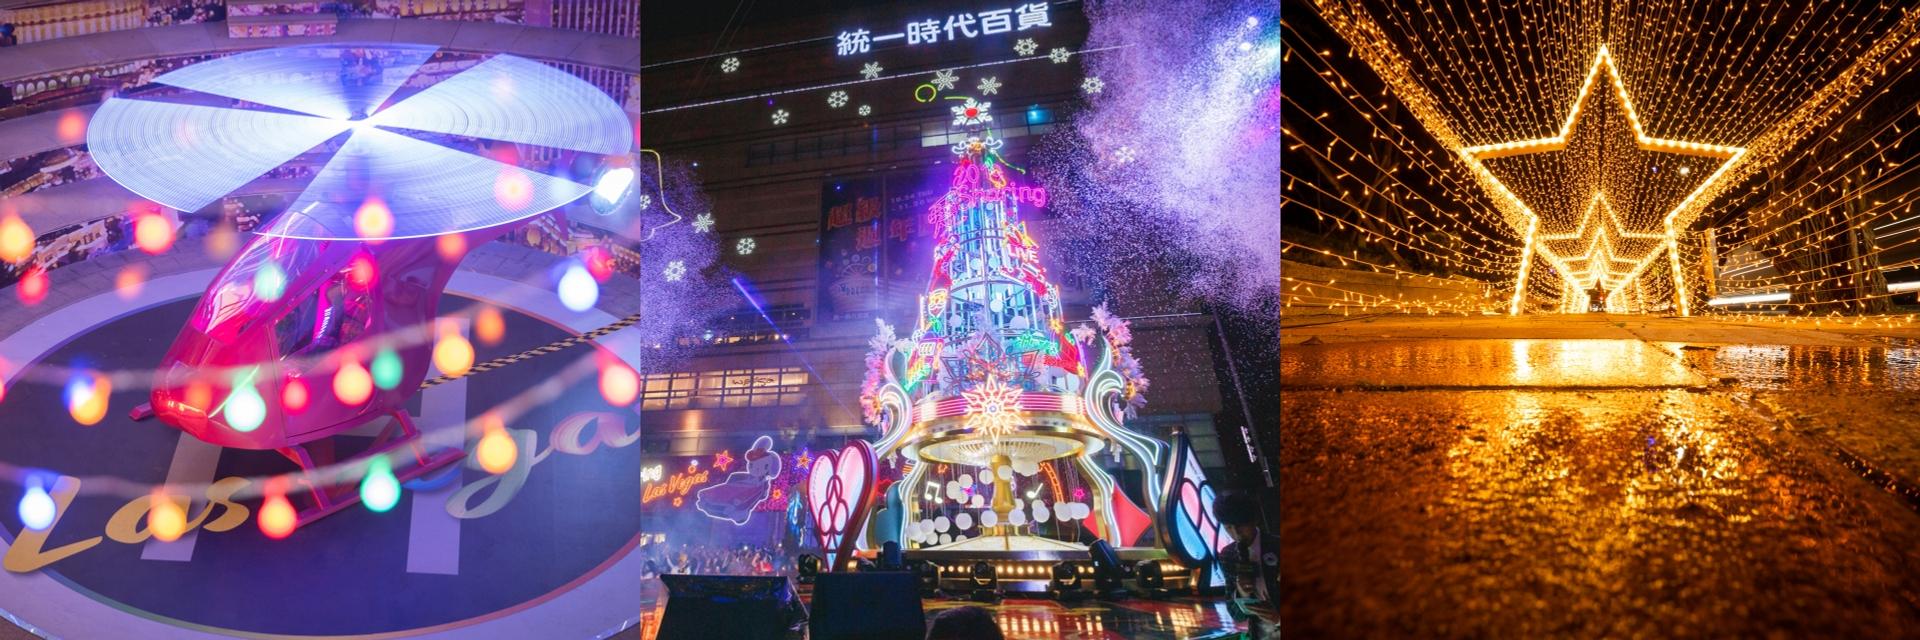 全年最期待的節日!全台最大最豪華的聖誕燈區就在高雄夢時代